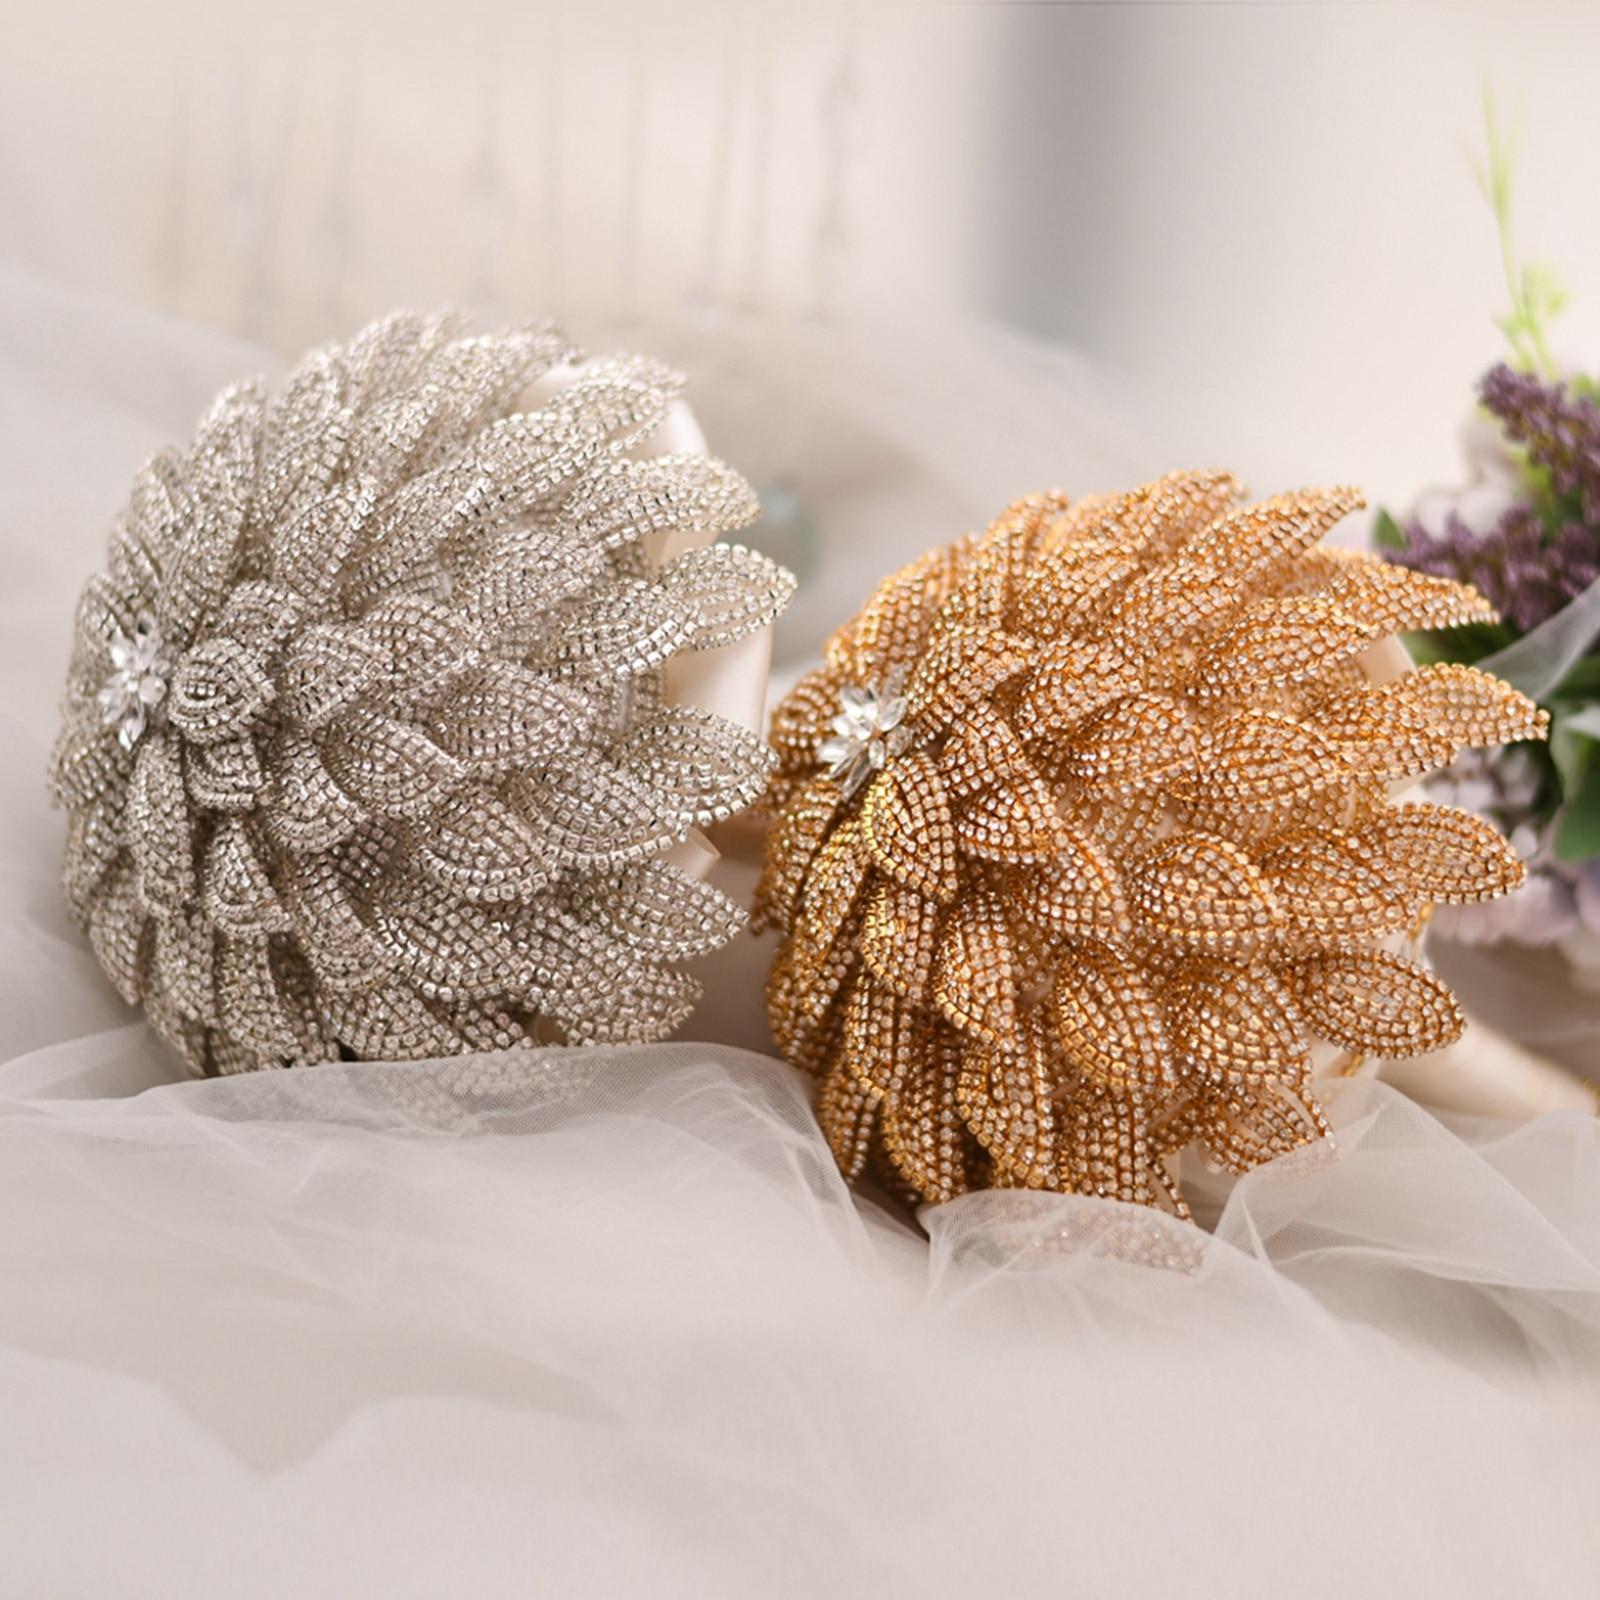 البريق الزفاف باقة الماس زهرة باقة الزفاف تسلق حجر الراين الزفاف باقة أزهار الزفاف باقة العروس باقة